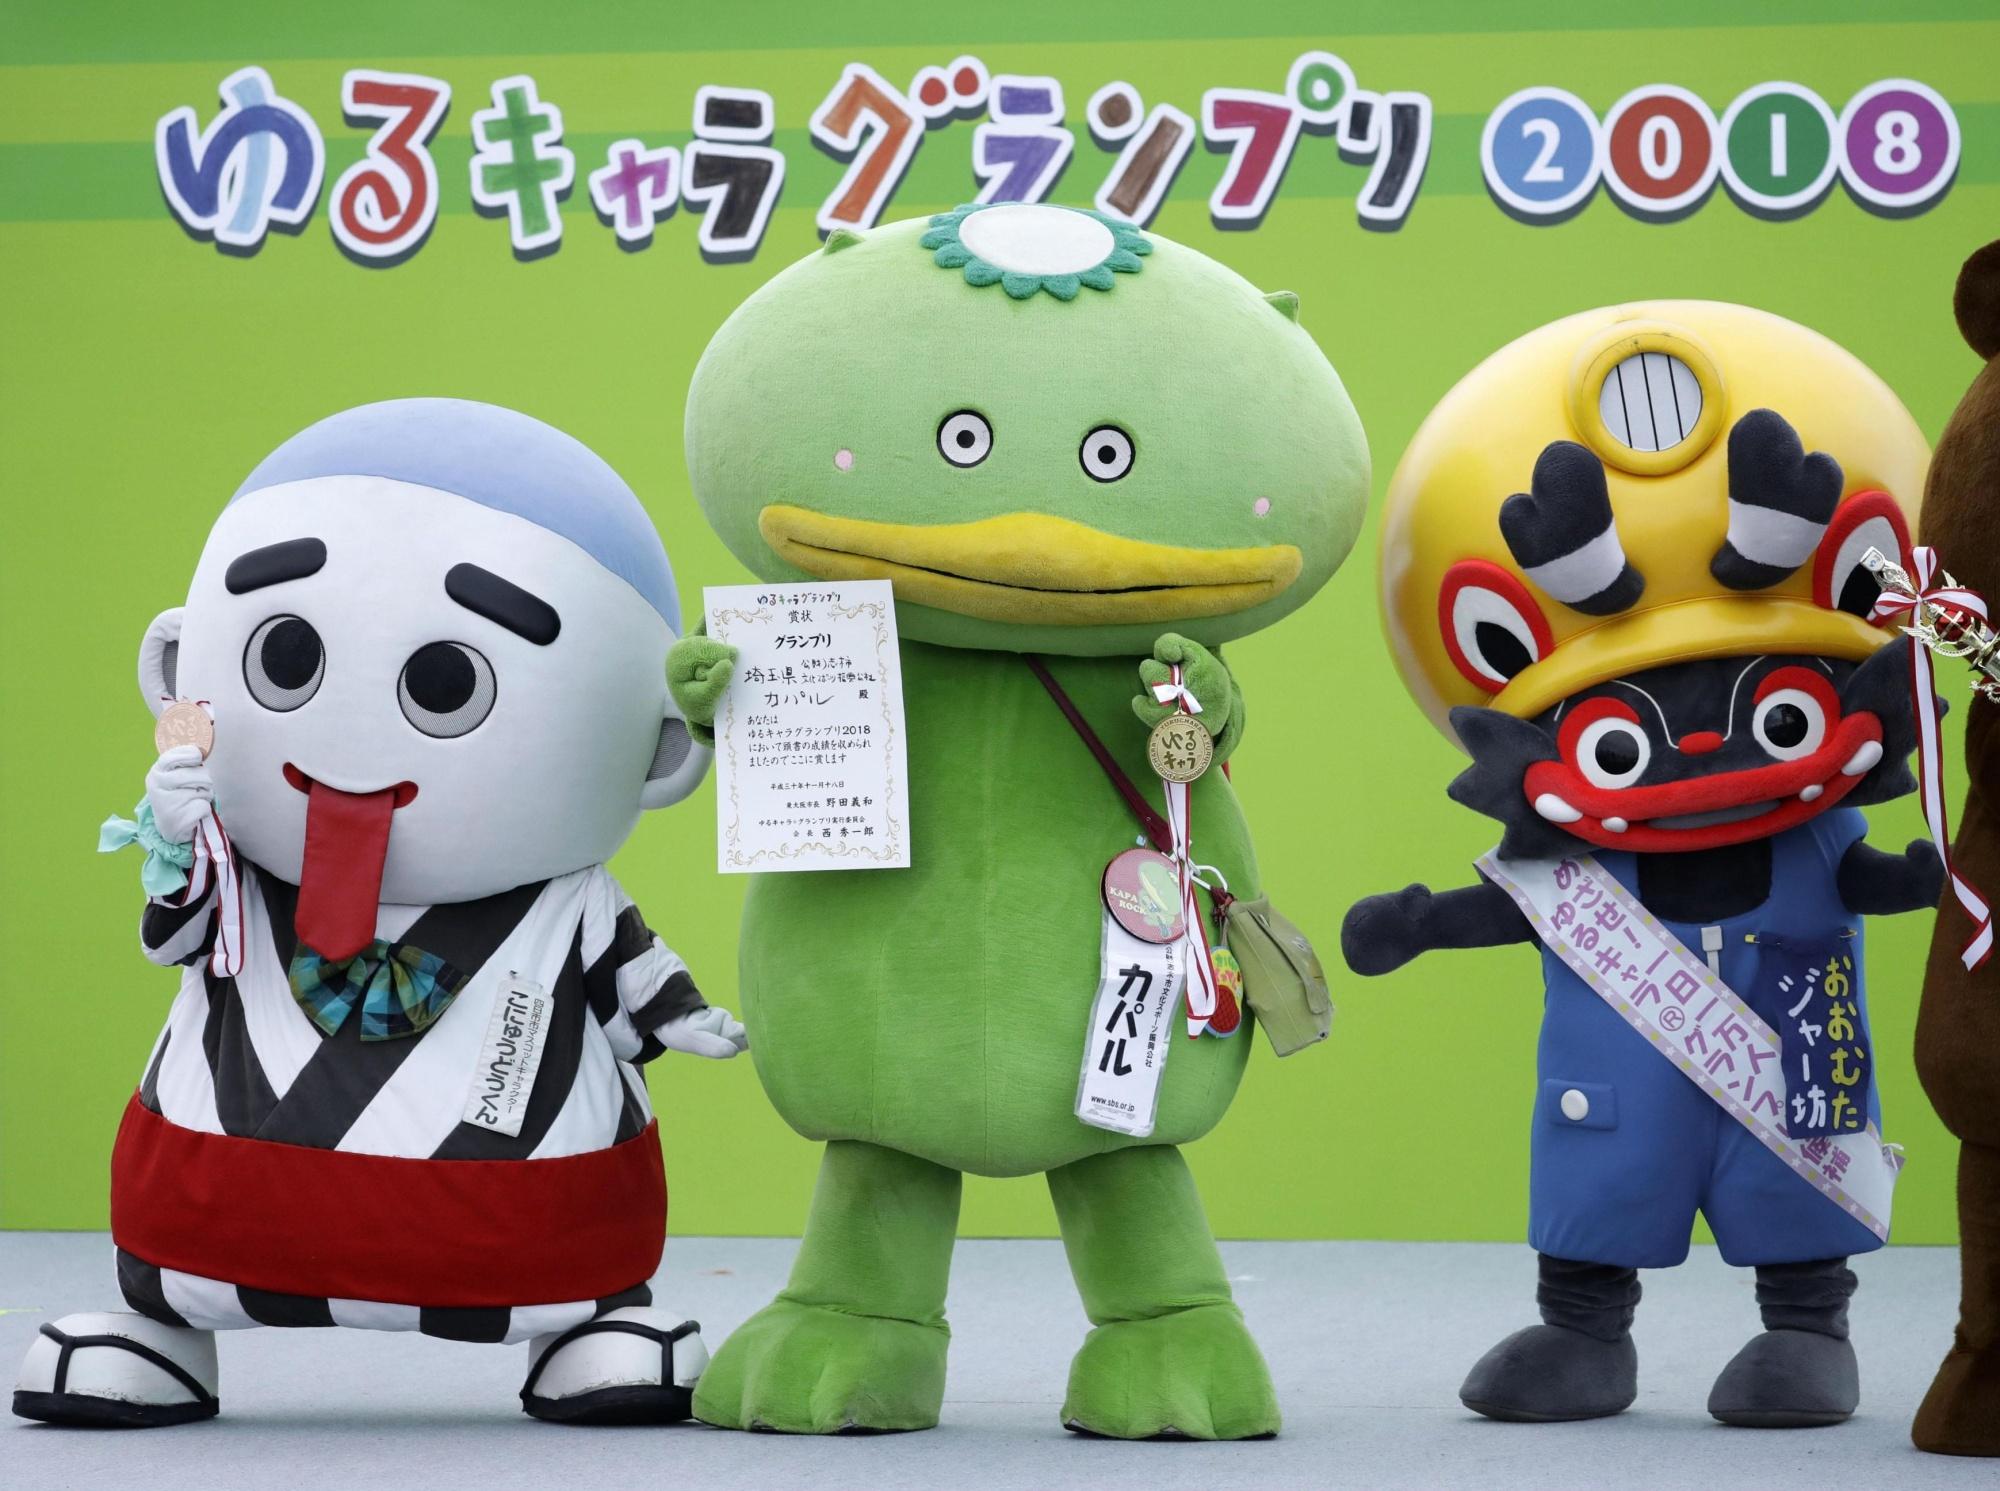 Ganhei de vocês, seus trouxas! Konyudo-kun ficou em segundo lugar e Ja-Bo em terceiro